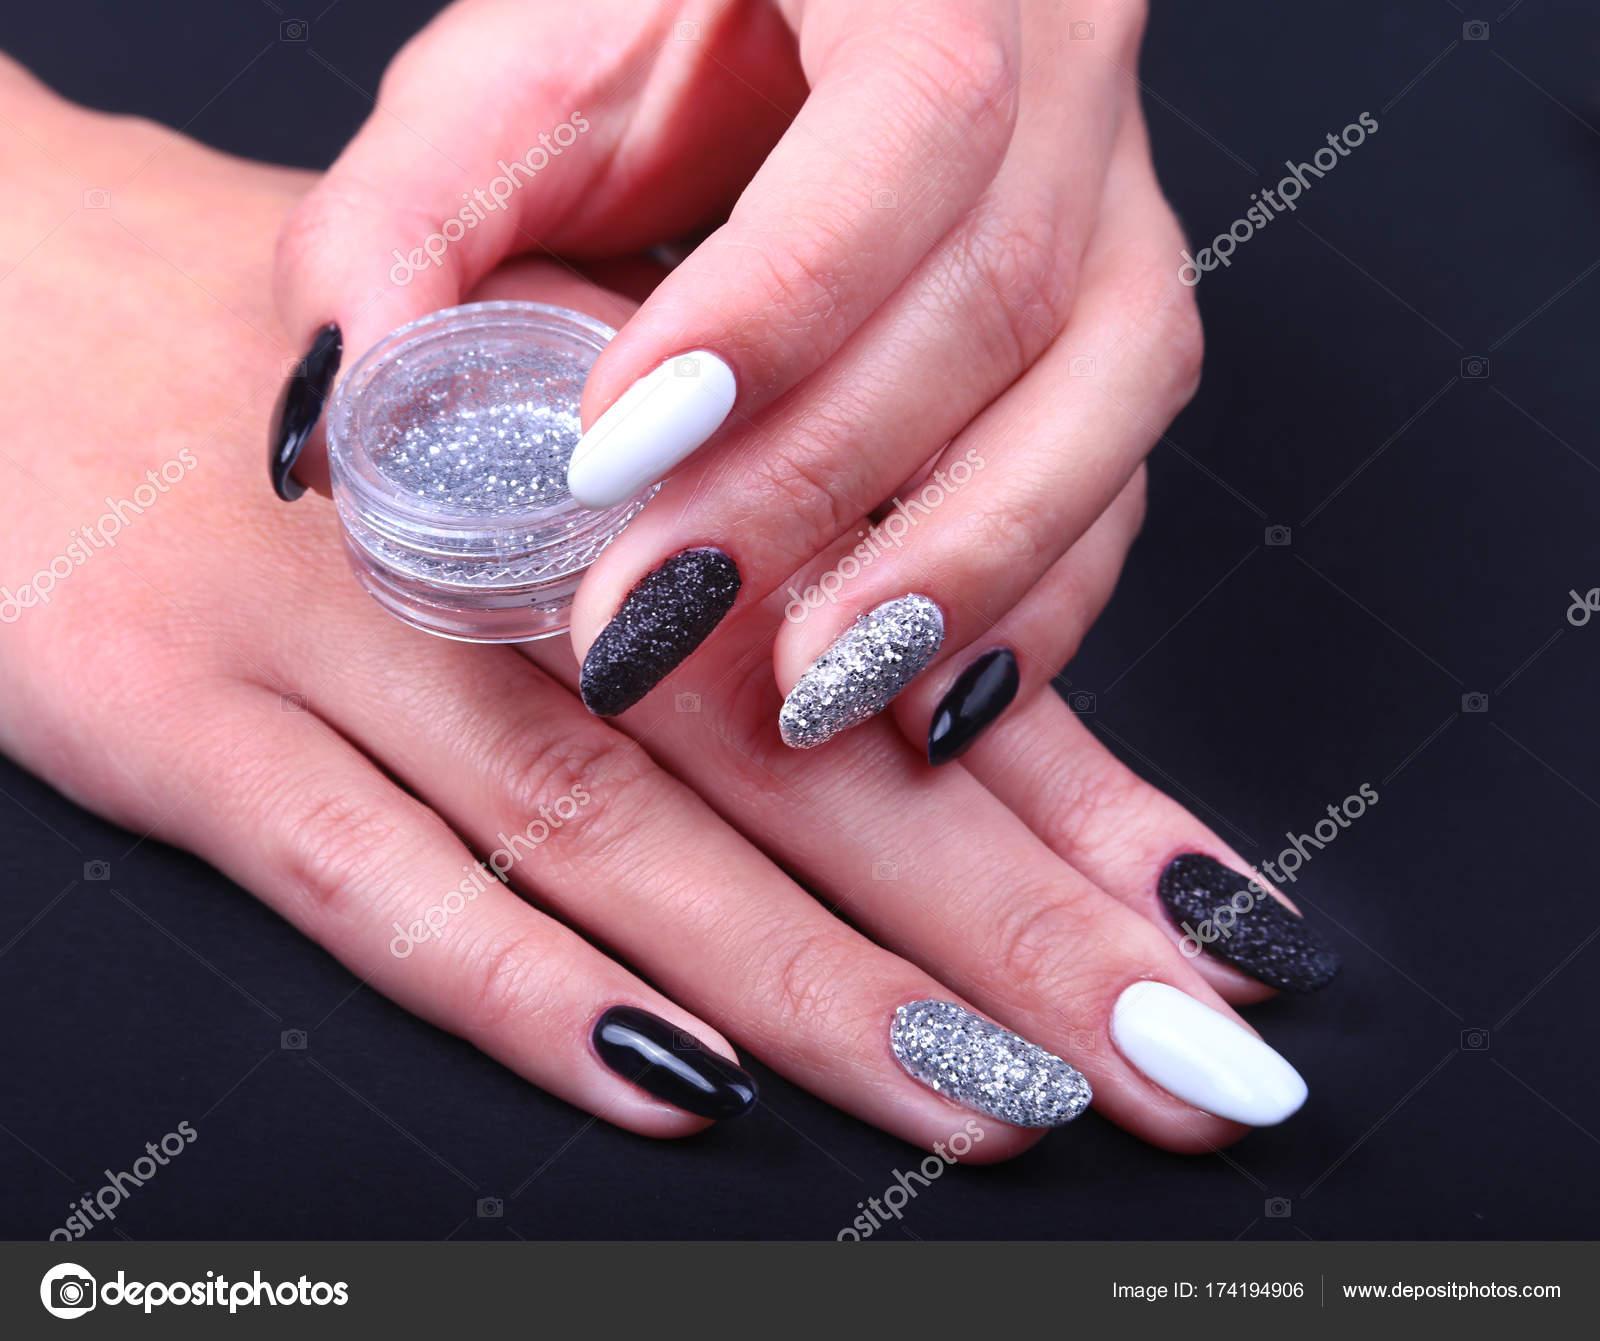 Czarny Biały Manicure Paznokci Sztuki Wakacje W Stylu Manicure